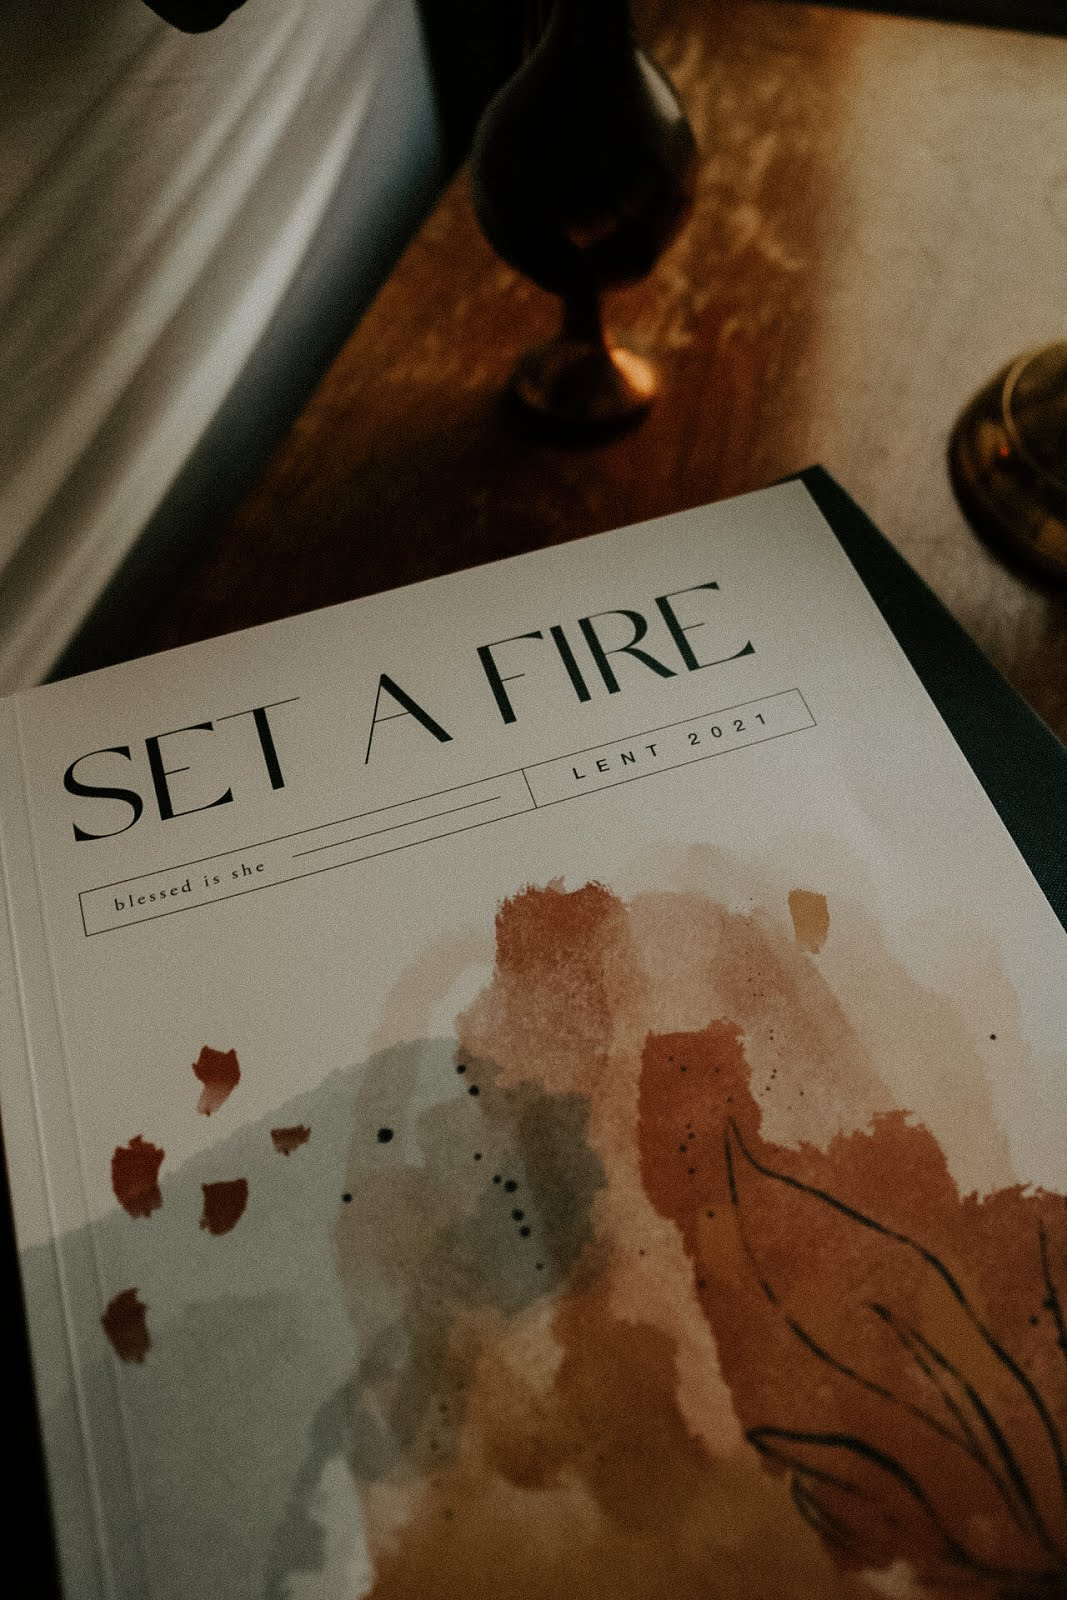 Set A Fire // Lent 2021